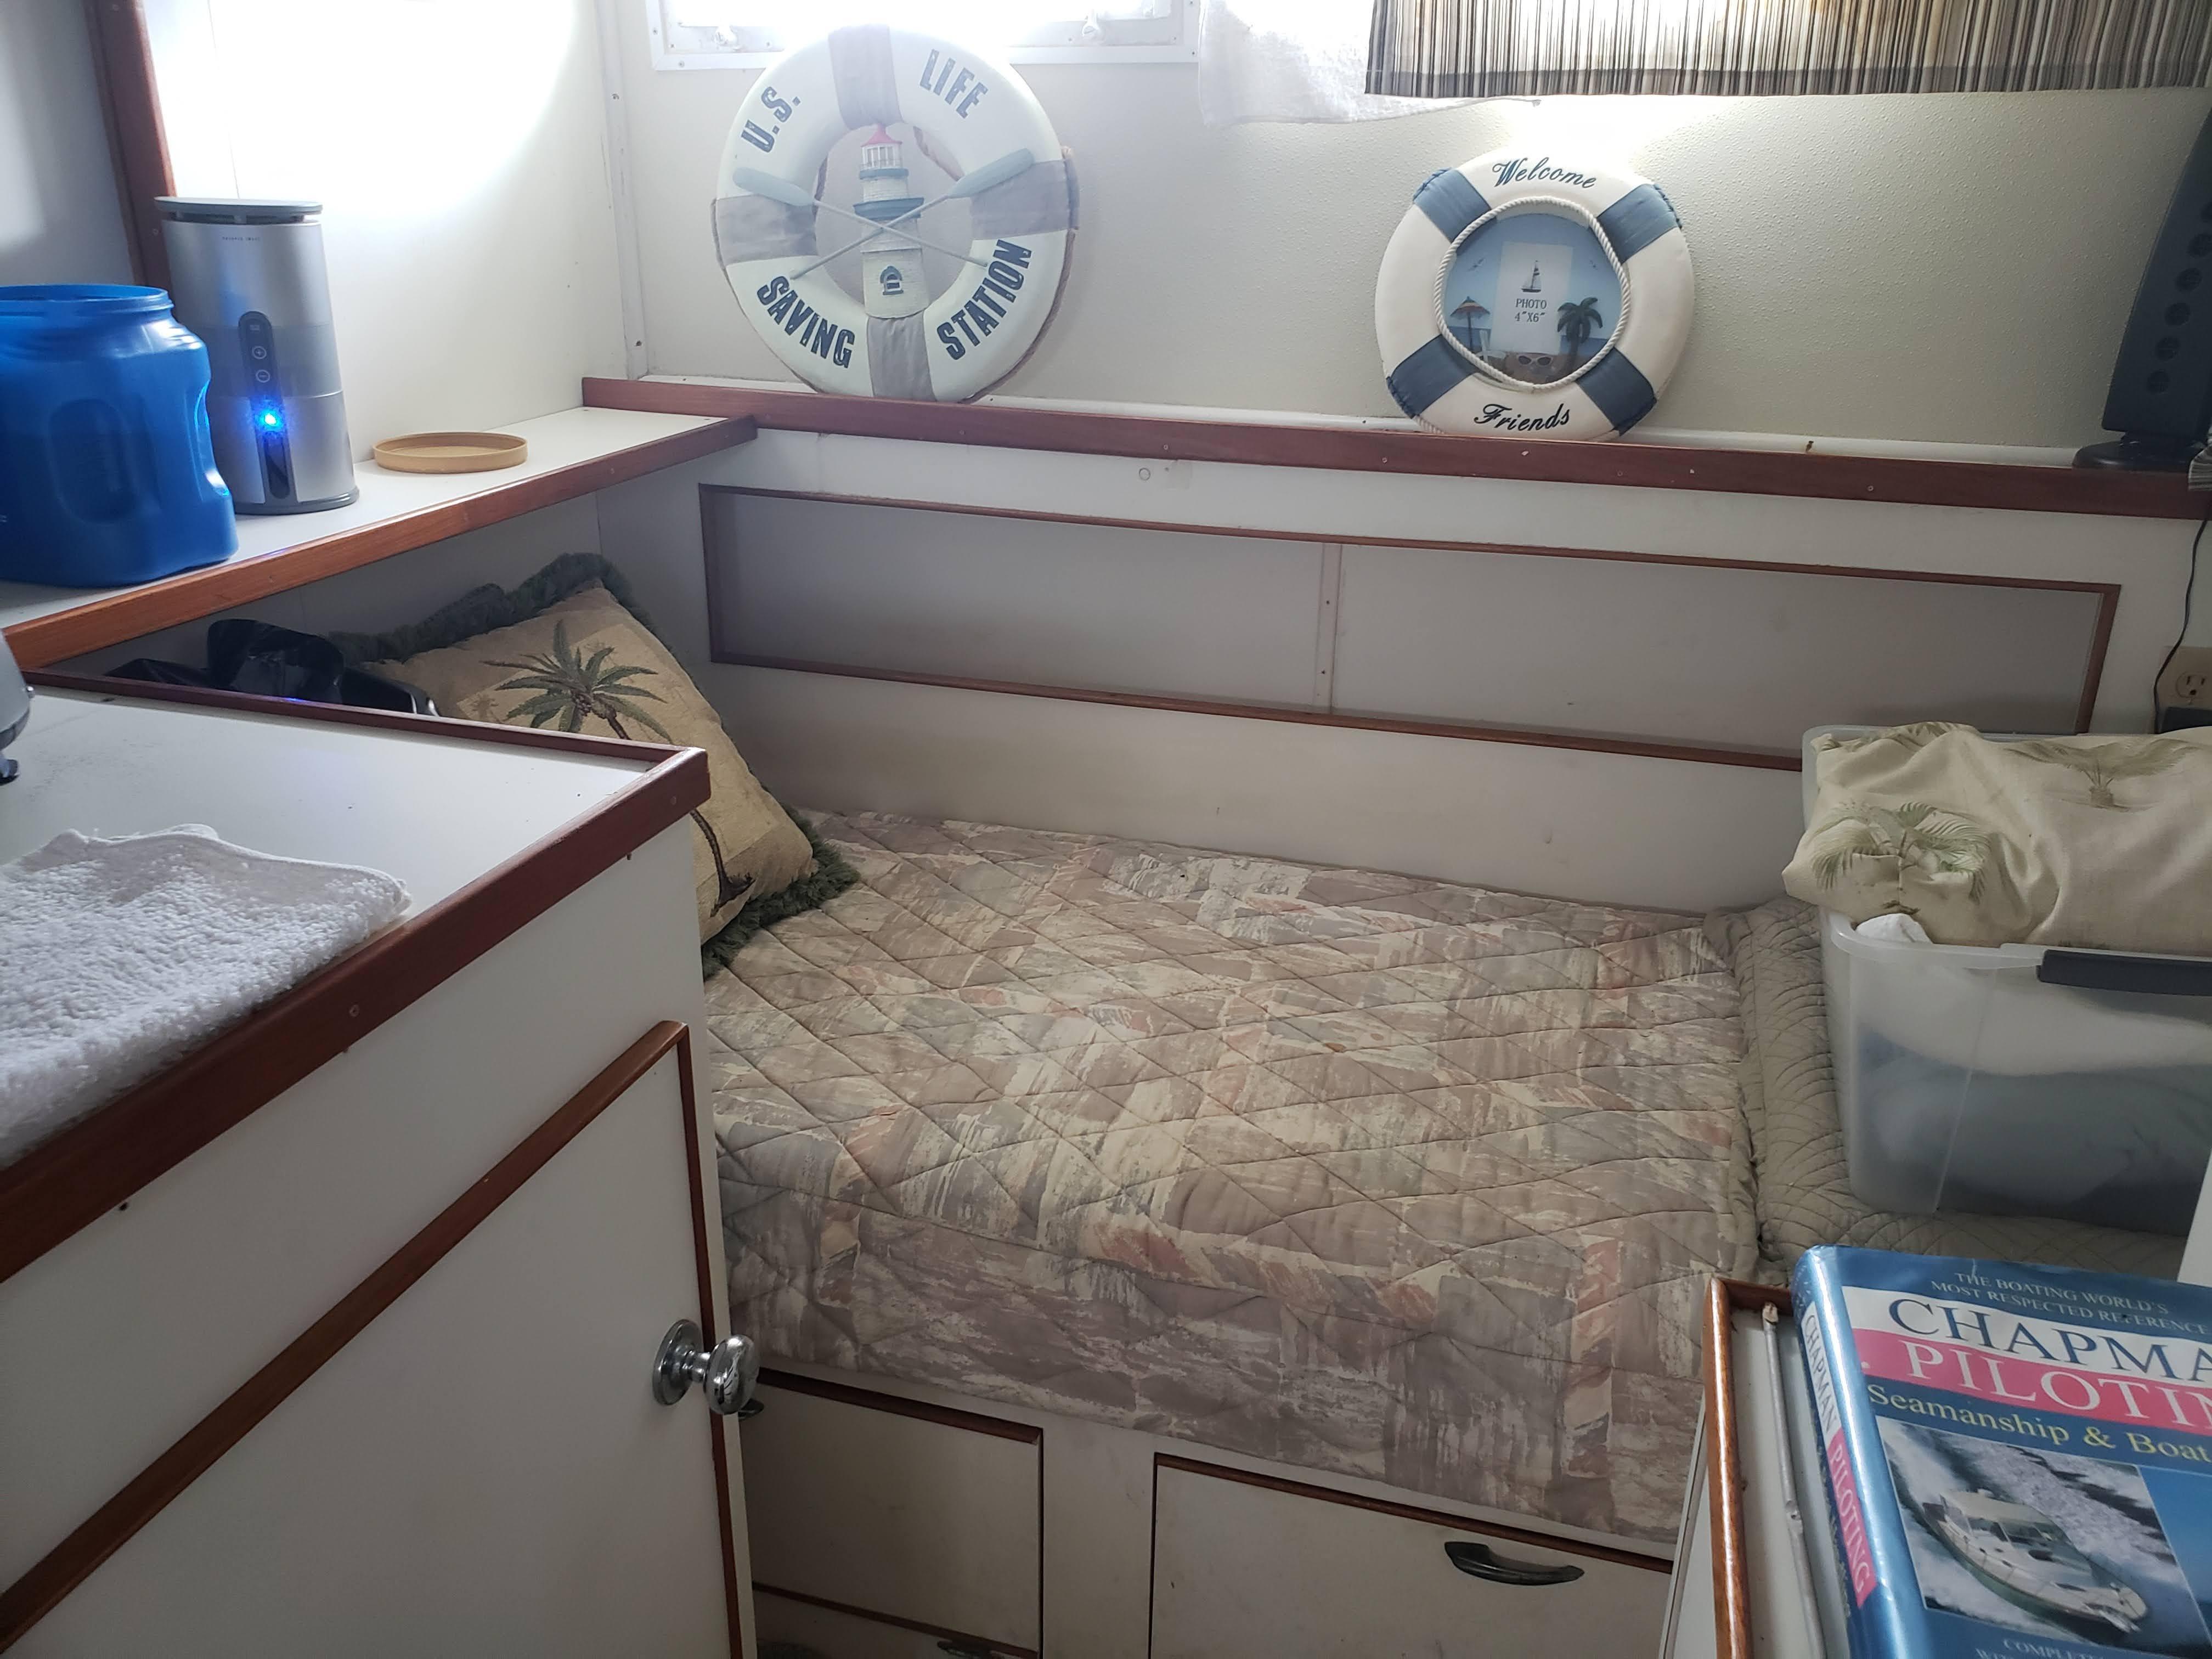 SC 6496 JM Knot 10 Yacht Sales